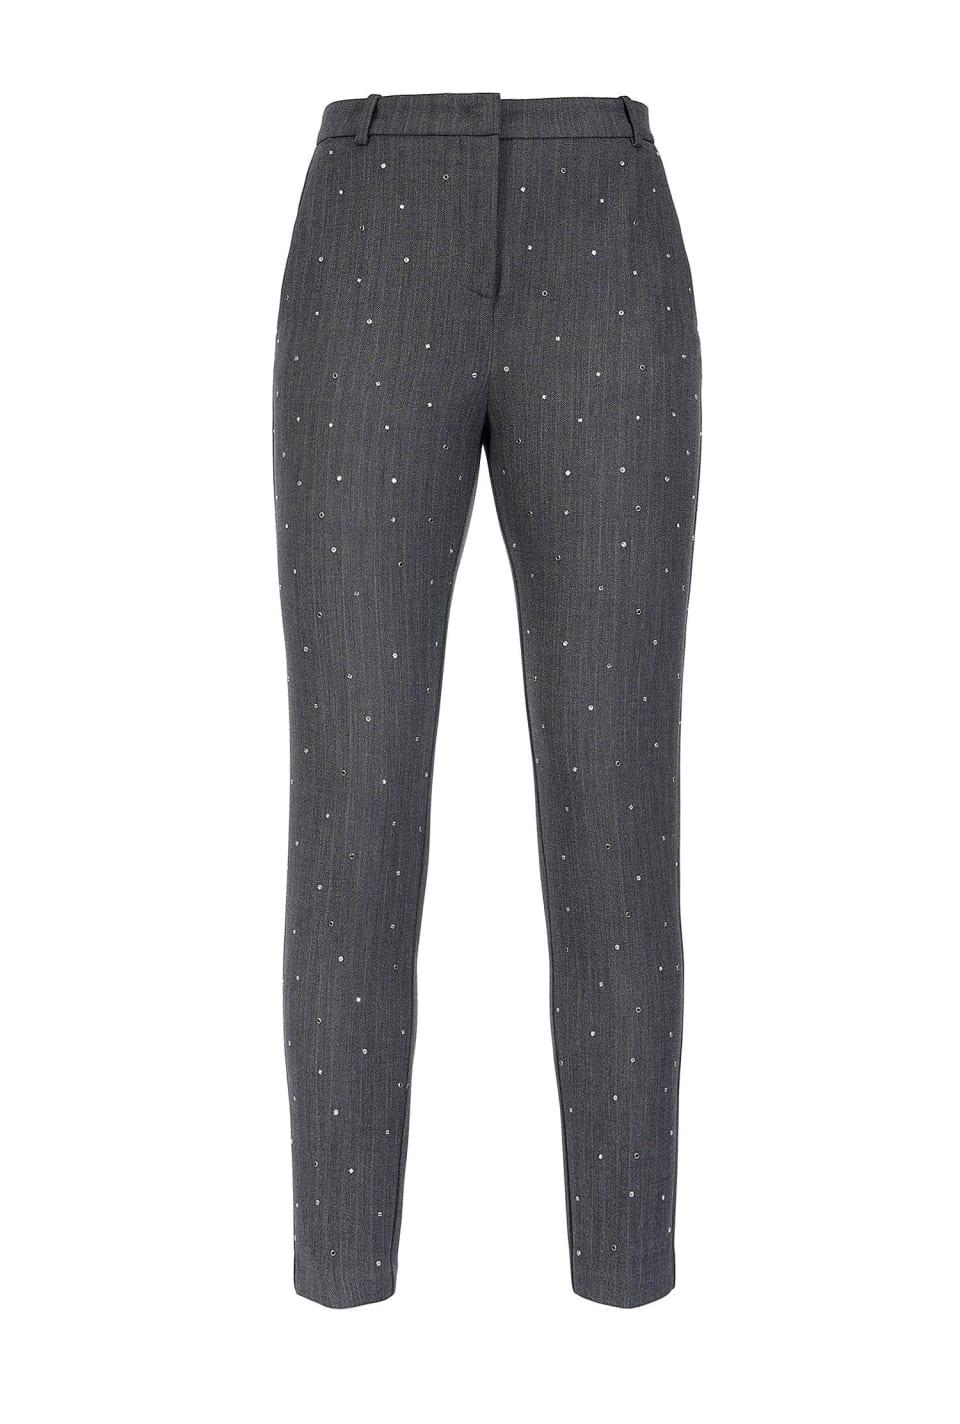 Pantaloni disegno resca con borchie